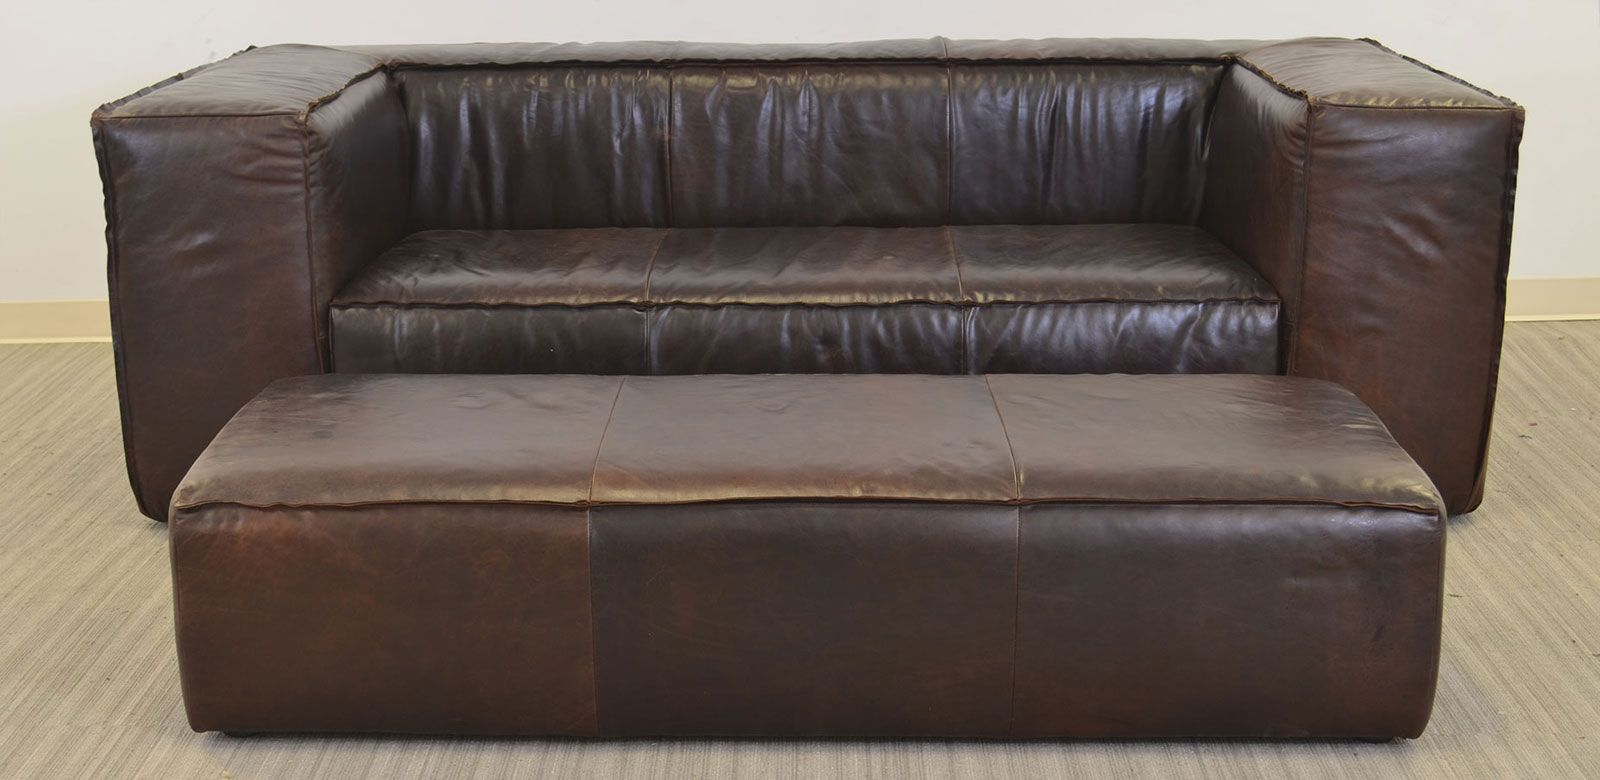 Martago Sofa ‹‹ The Leather Sofa Company